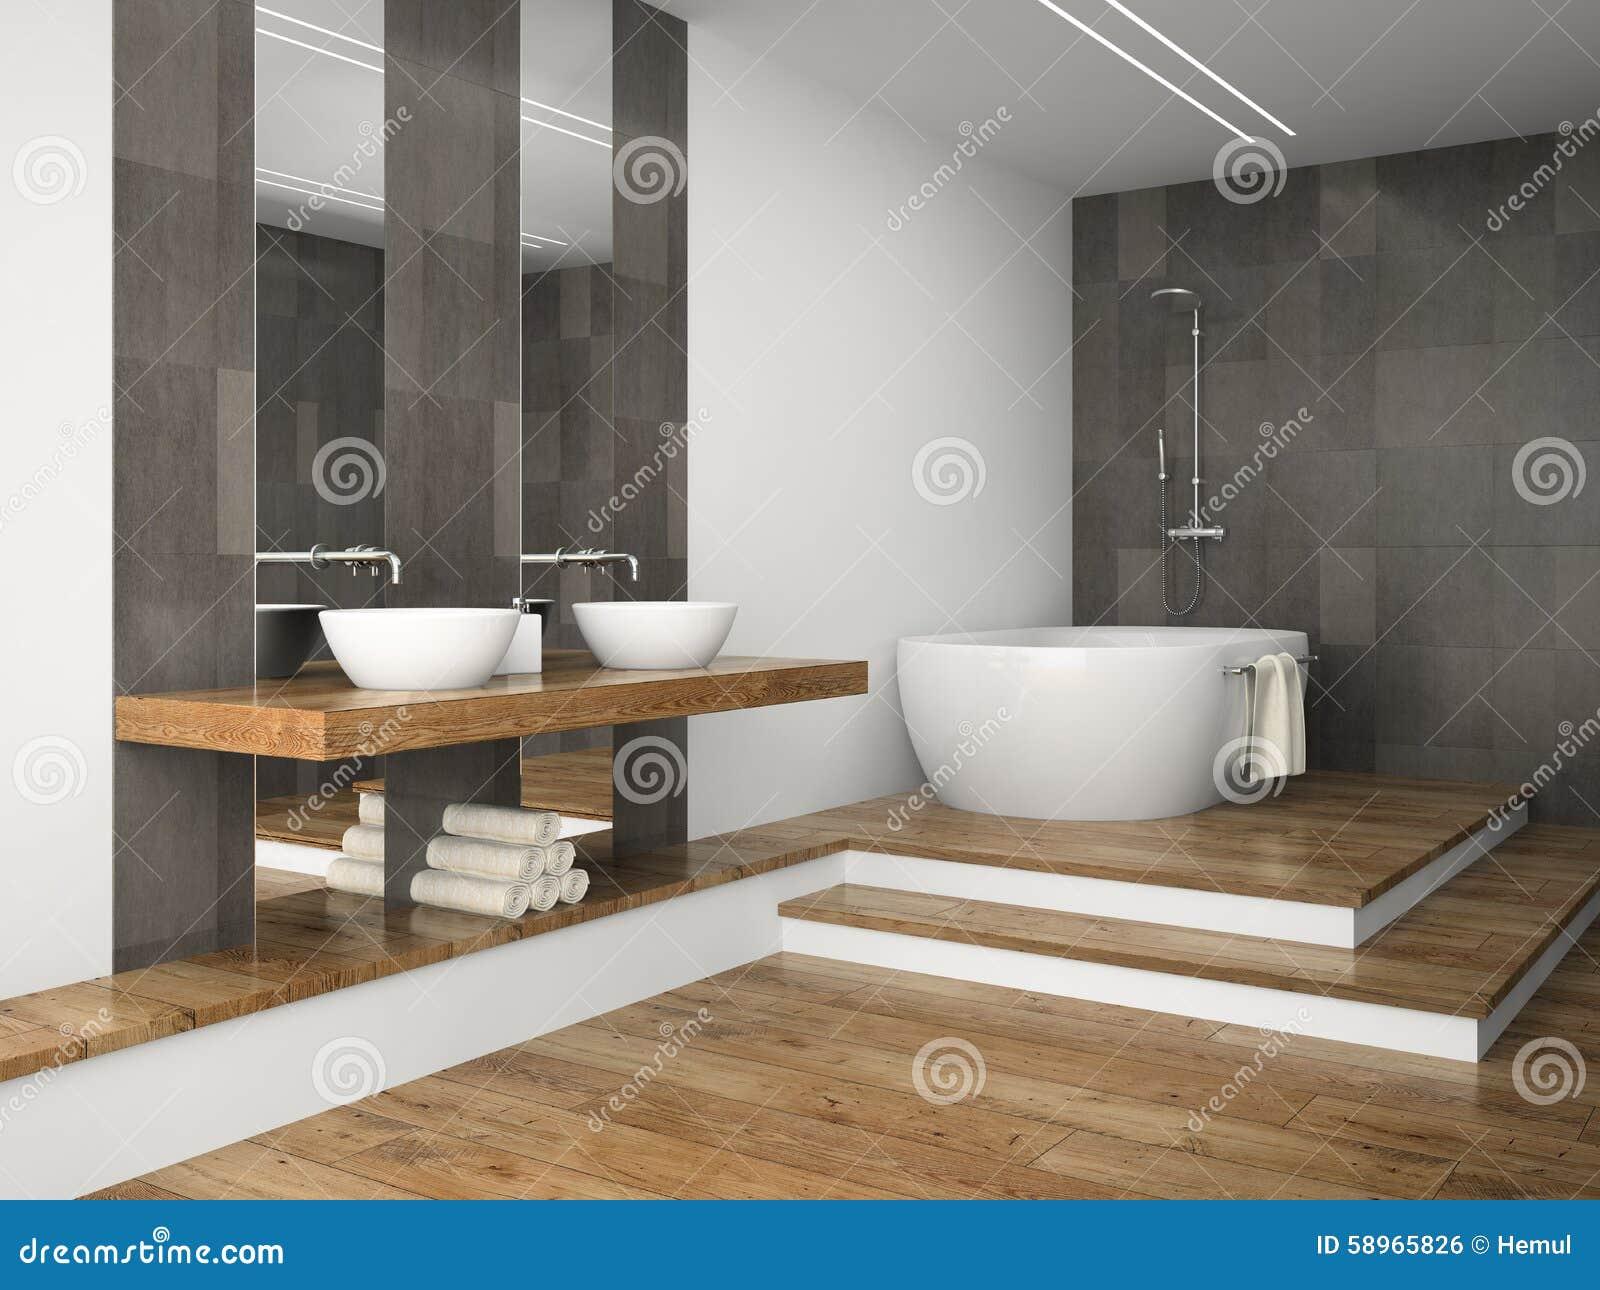 Meuble Salle De Bain Planche Bois ~ Catodon com Obtenez des idées de design intéressantes en  # Planche Bois Salle De Bain